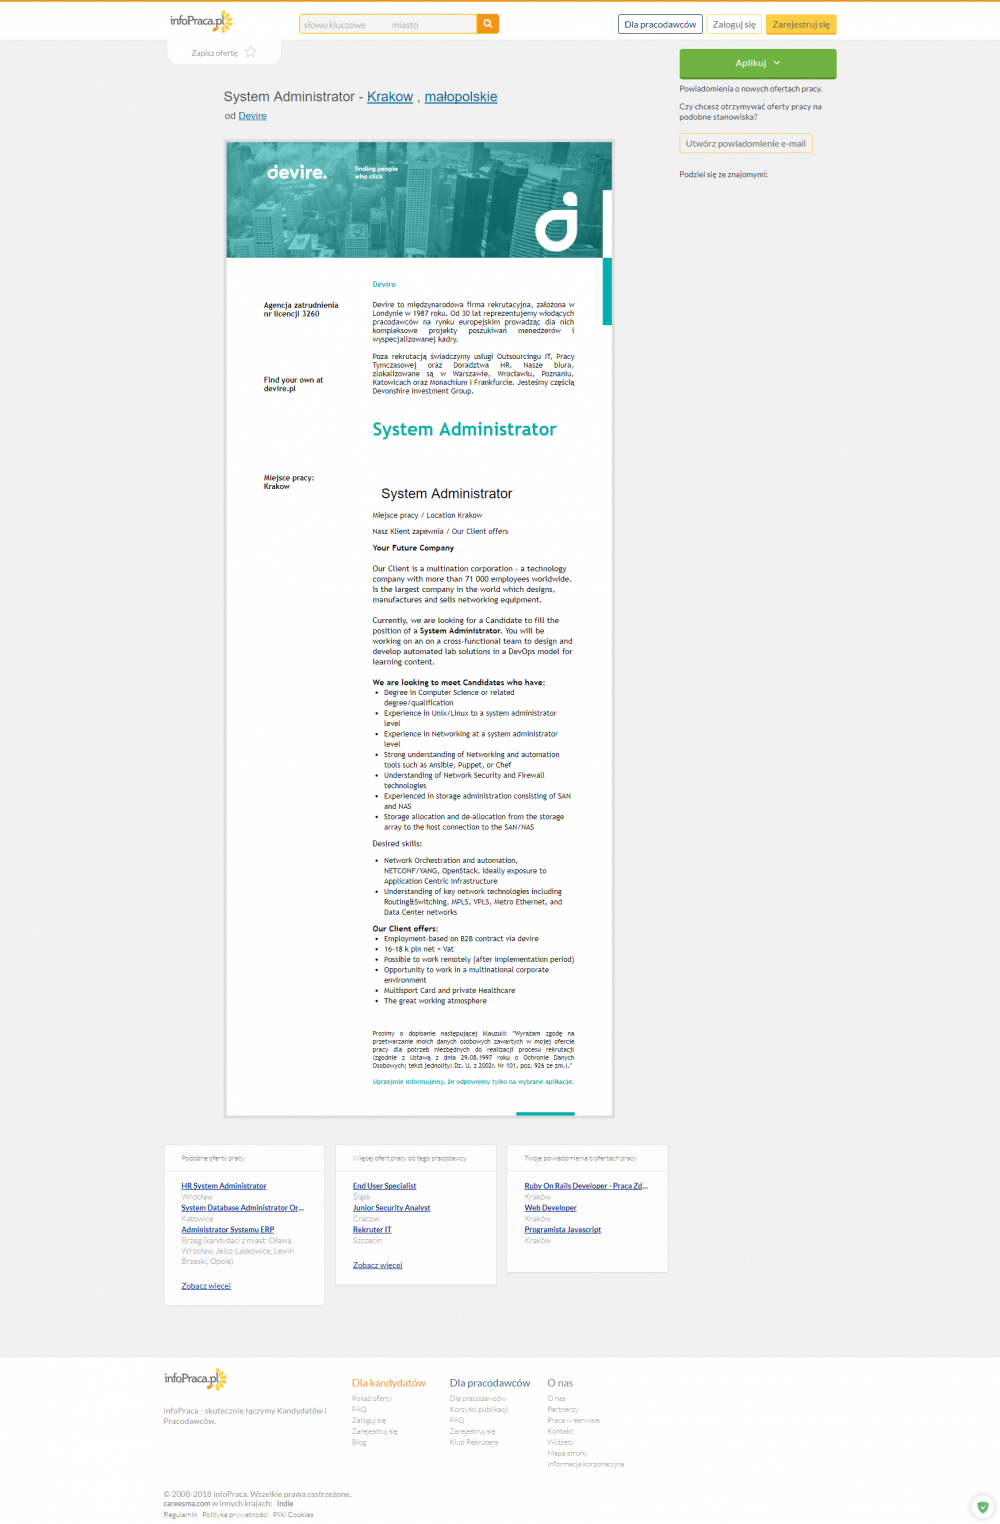 Oferta pracy - System Administrator, Krakow   infoPraca.pl_20180516133230.png